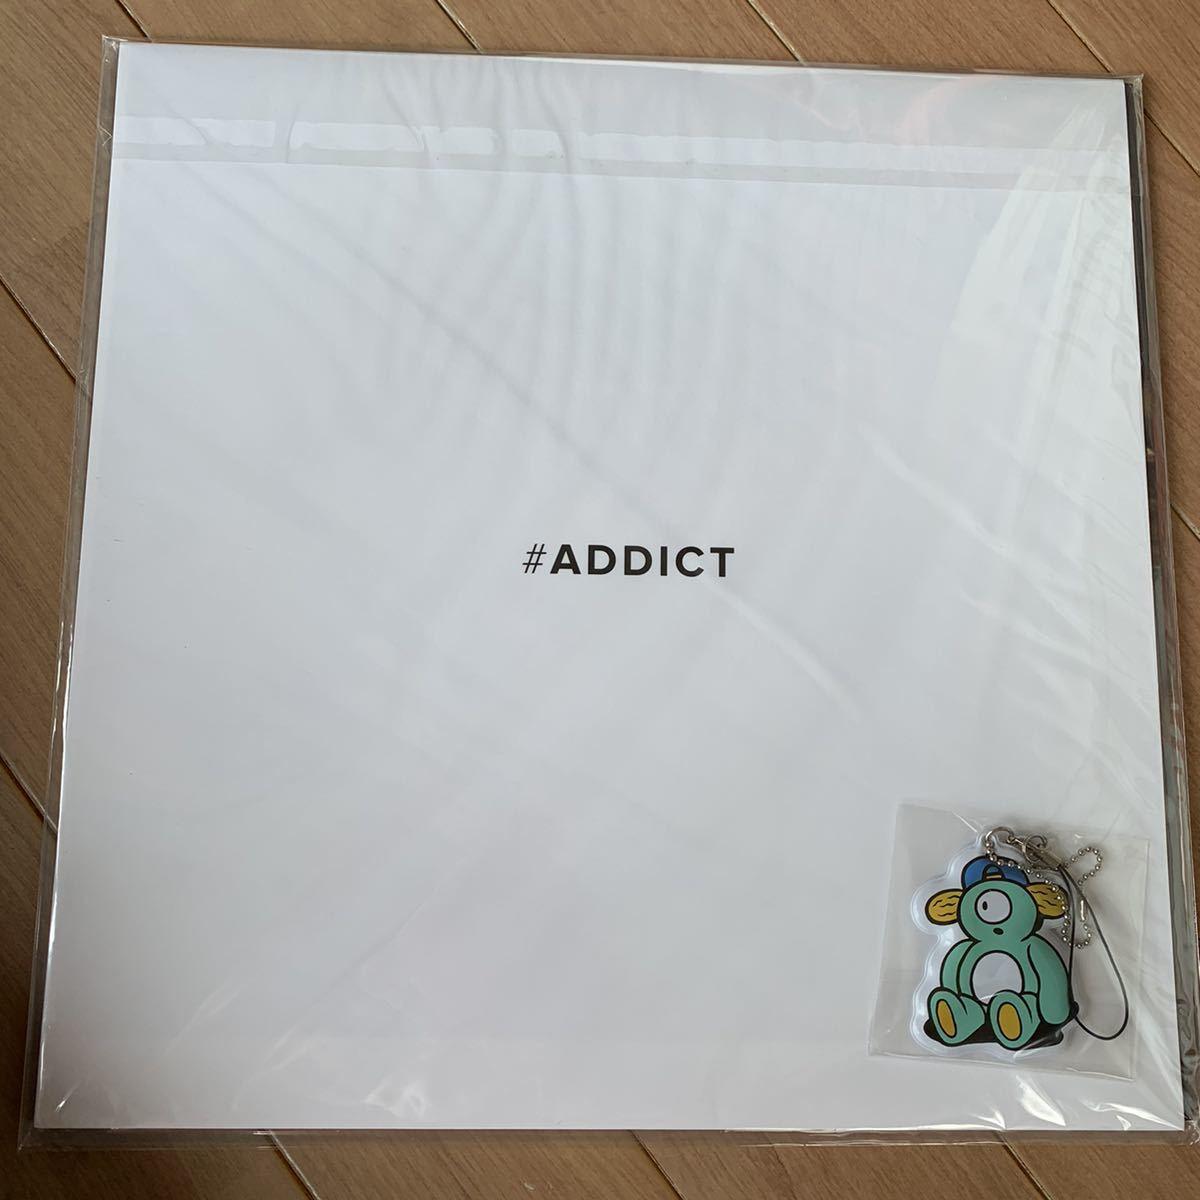 貴重★未開封★ 安室奈美恵 沖縄25th パンフレット 『#ADDICT』